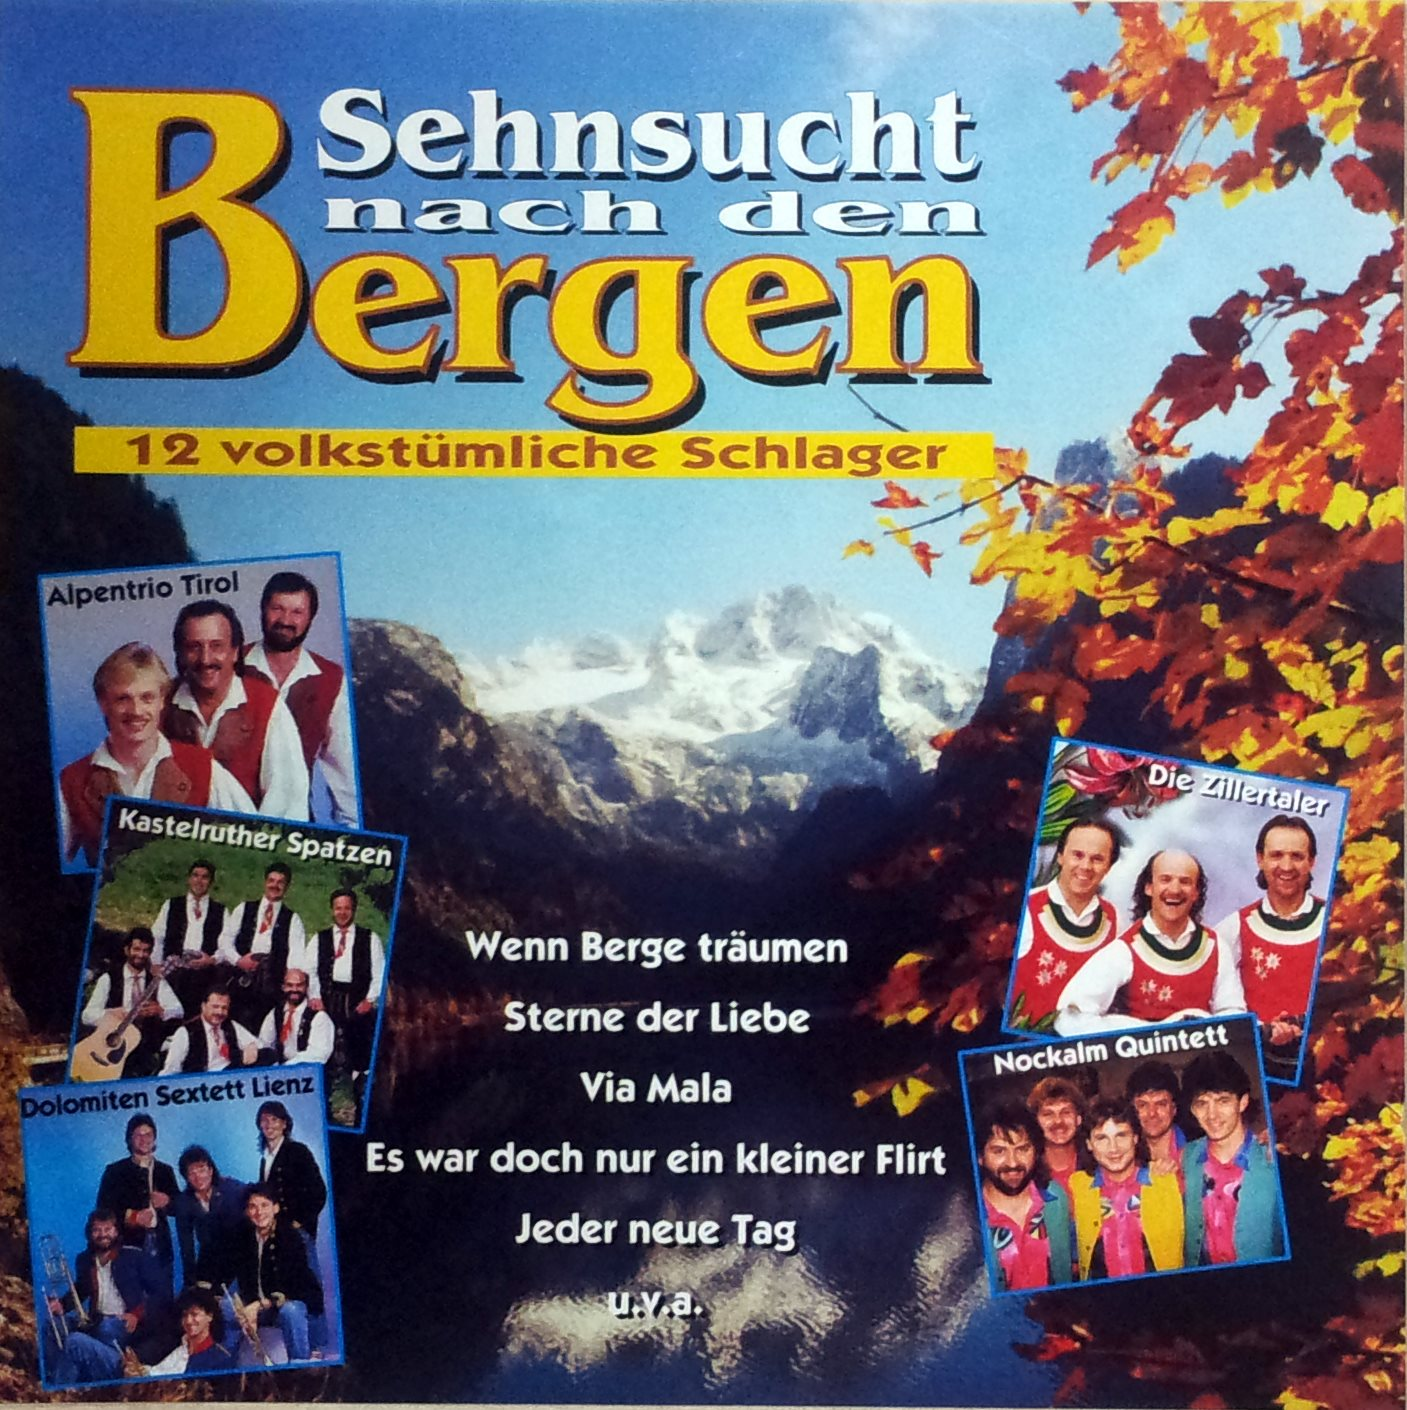 Sehnsucht nach den Bergen - 12 volkstümliche Schlager